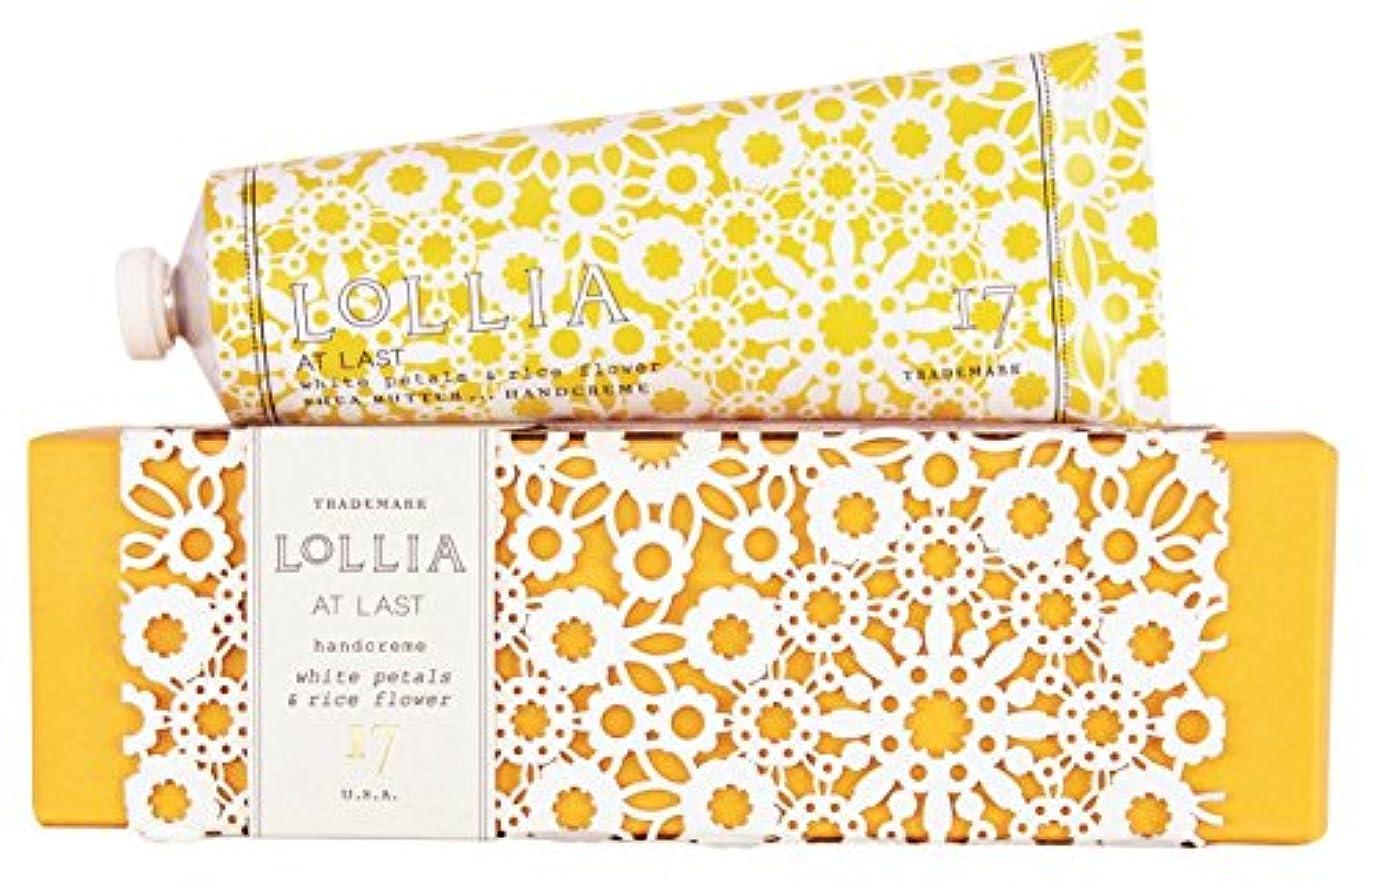 軍艦持ってる狼ロリア(LoLLIA) ミニハンドクリーム AtLast 9.3g(手肌用保湿クリーム ライスフラワー、マグノリアとミモザの柔らかな花々の香り))